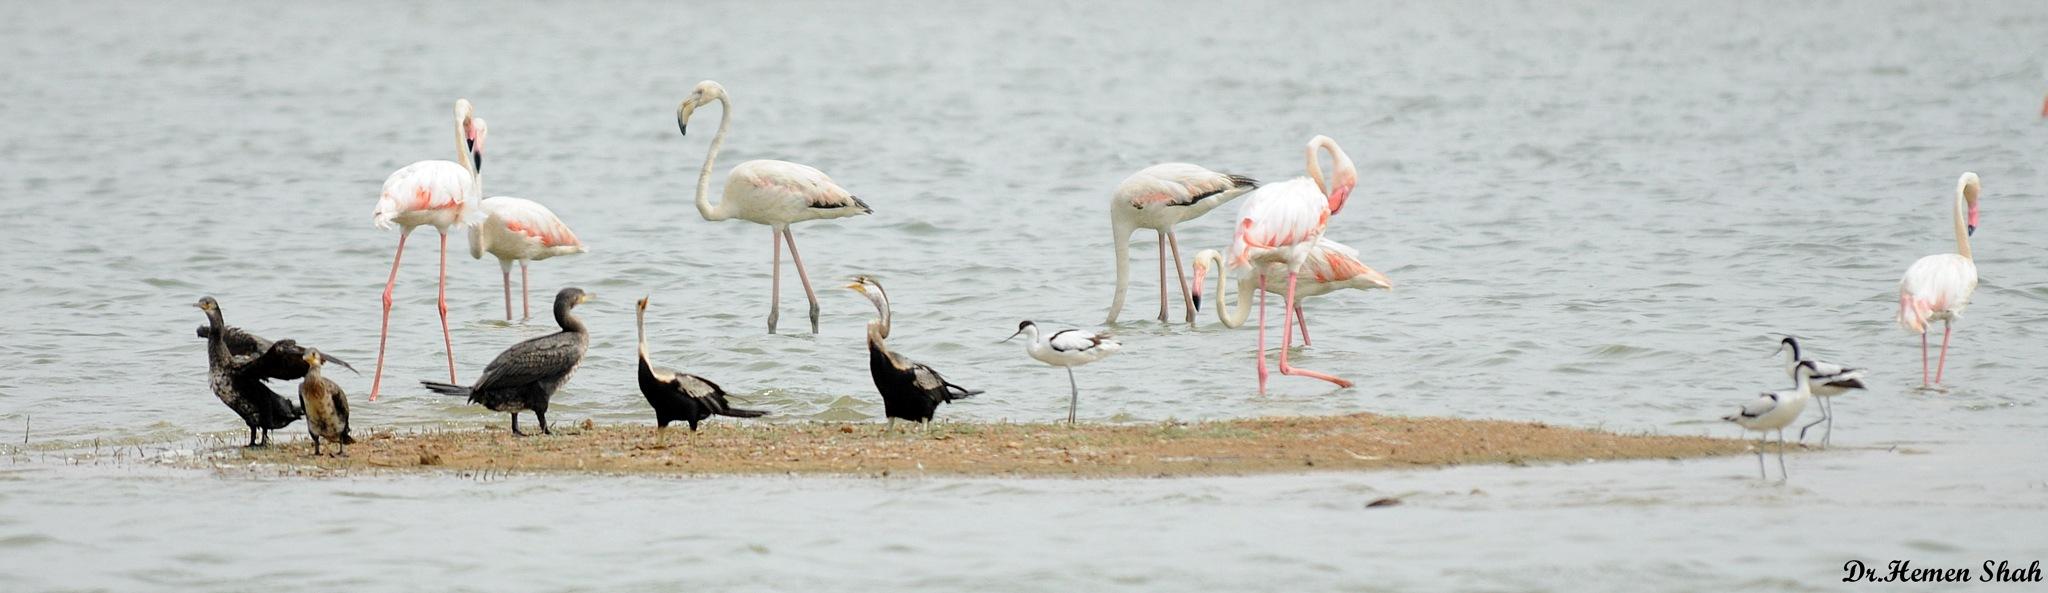 Flamingos...Cormorants...Darters...Pied avocets... by Hemen